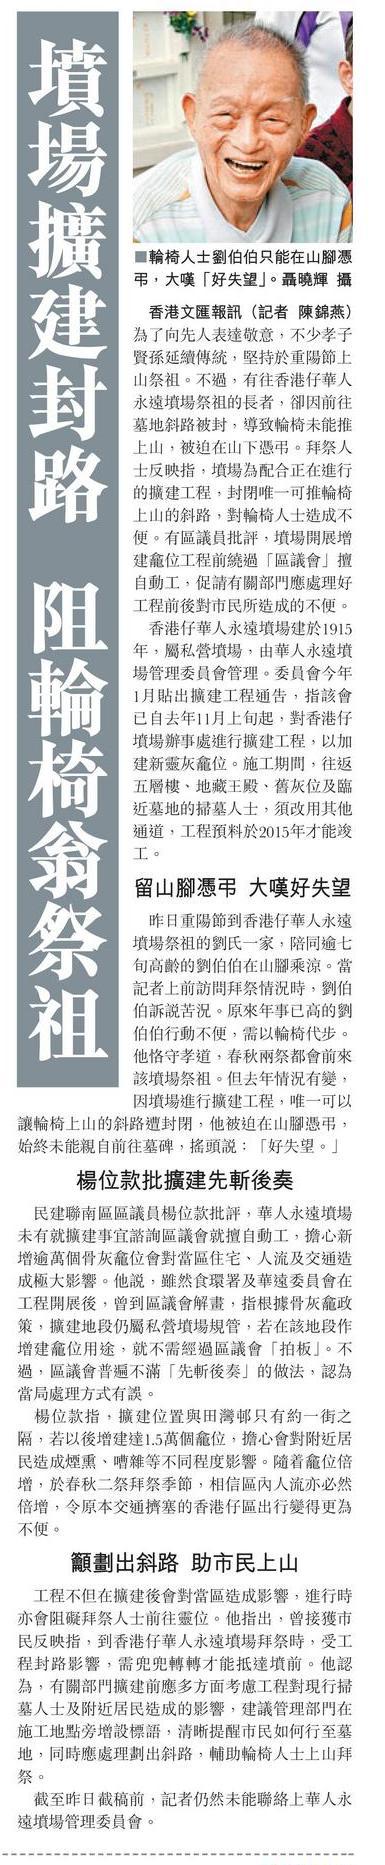 2013-10-14 -文匯報  - 墳場擴建封路 阻輪椅翁祭祖